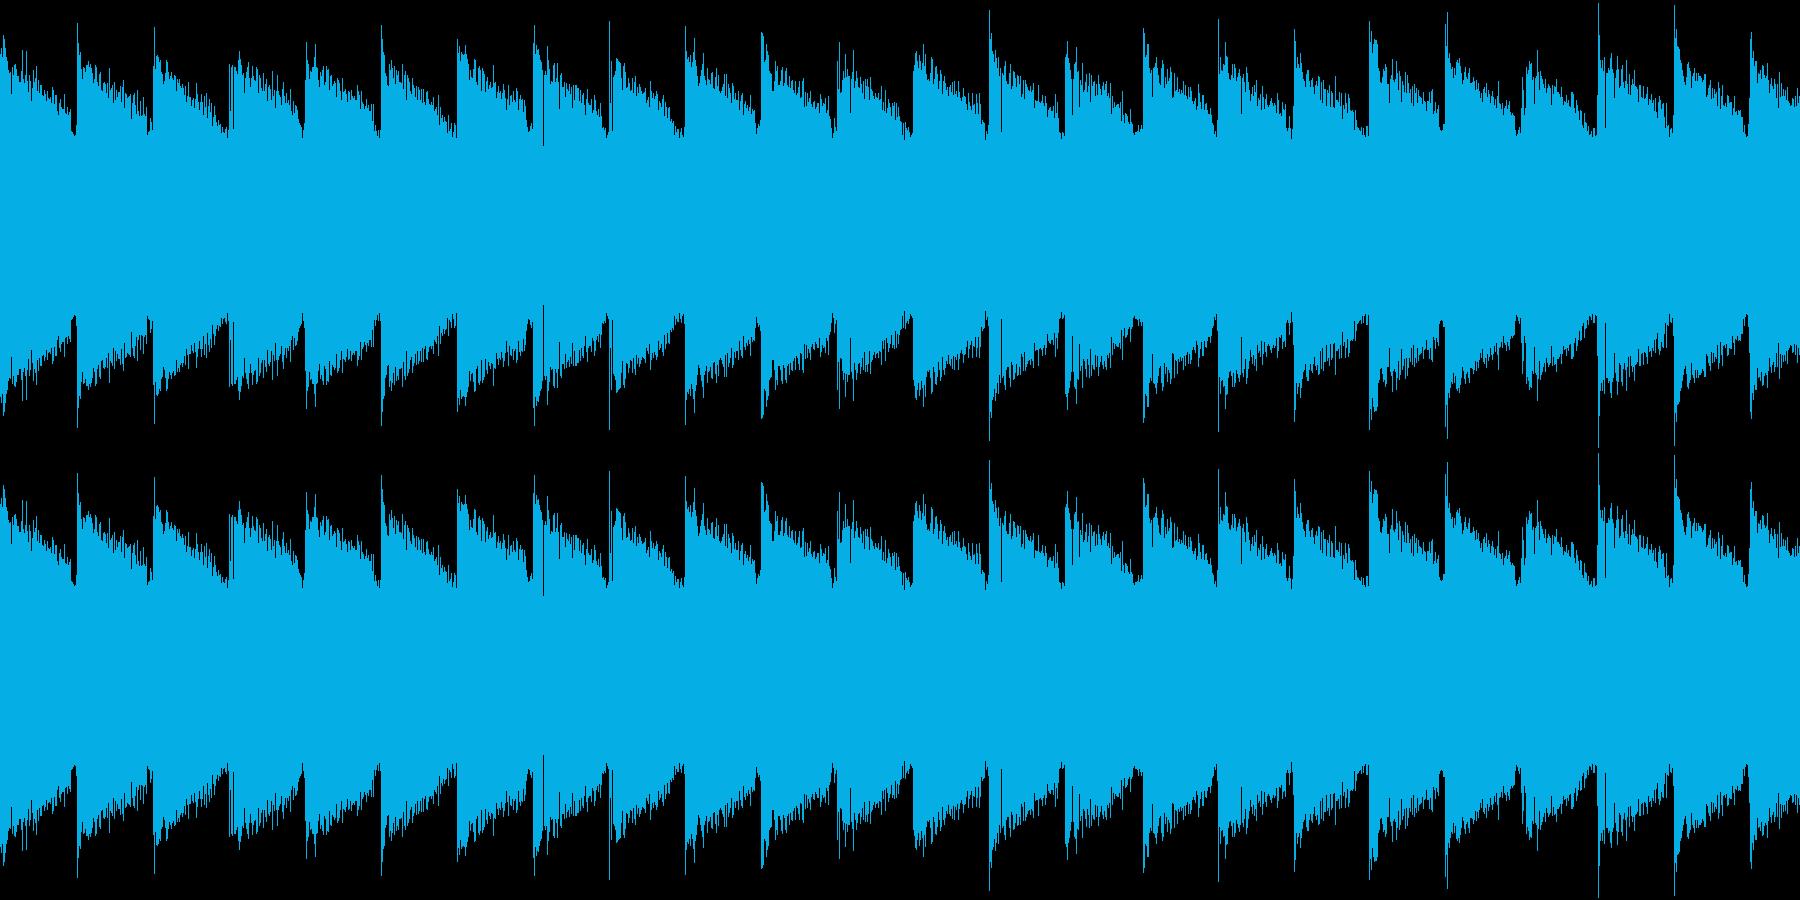 シンセ サイレン アナログ ピコピコ07の再生済みの波形